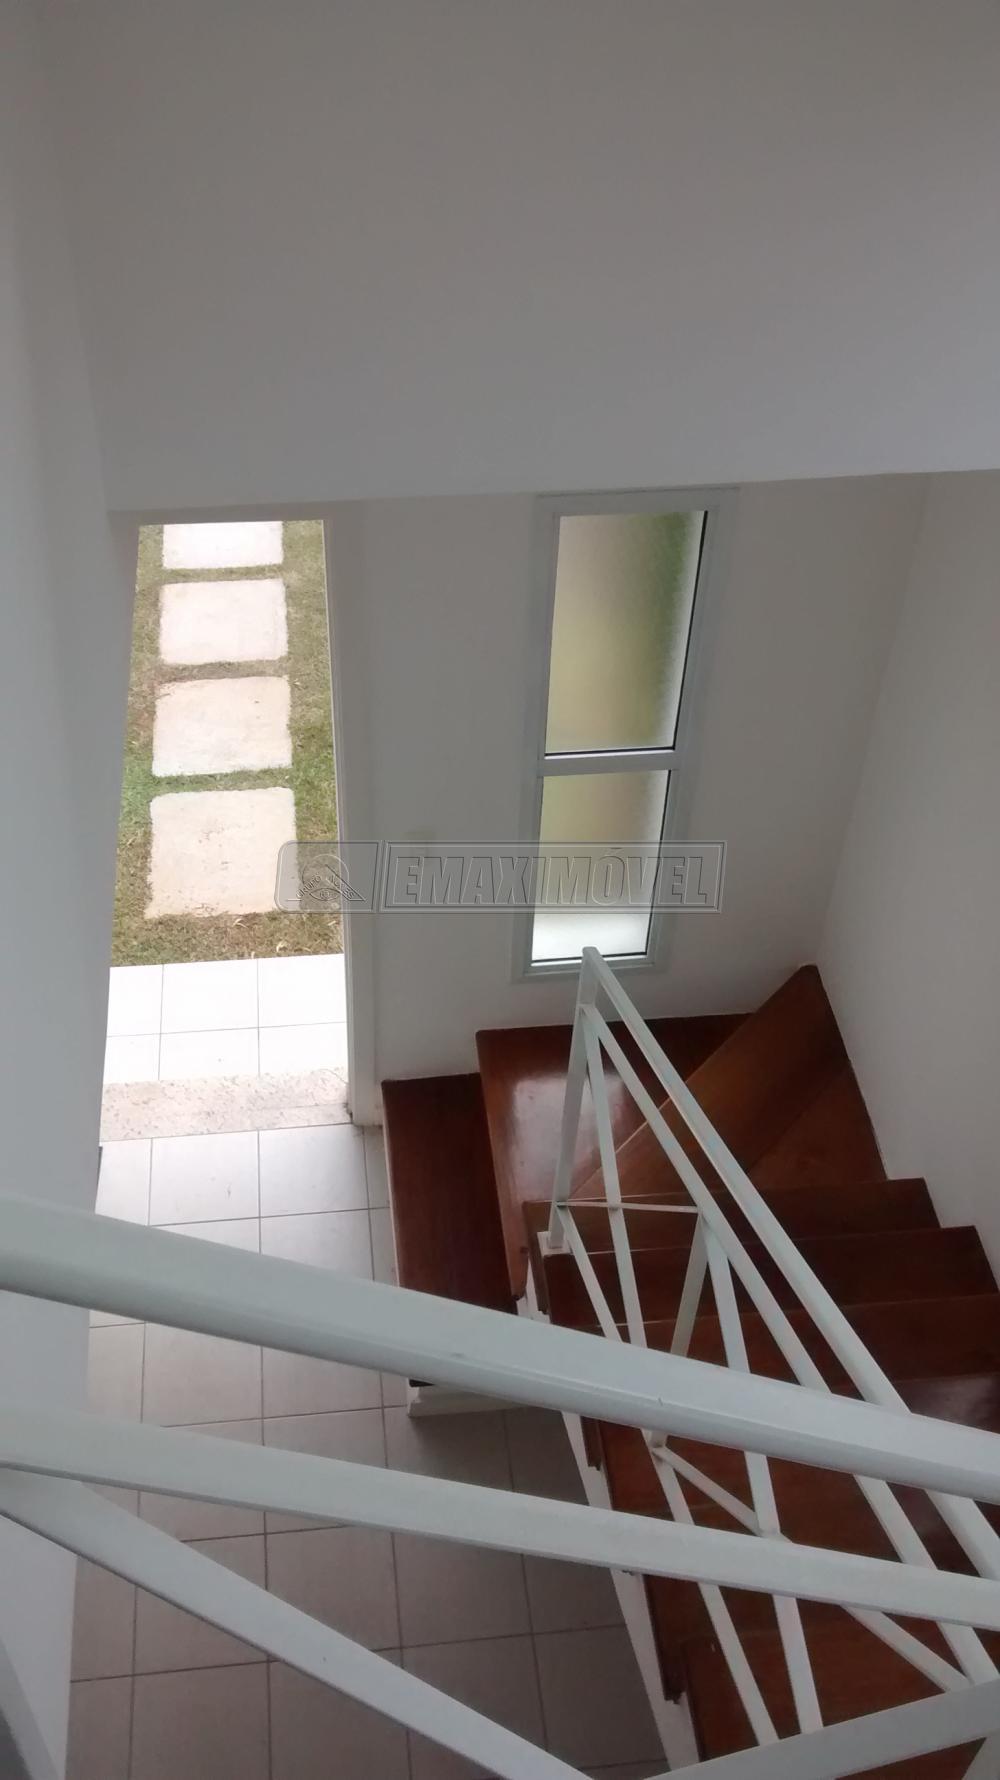 Alugar Casas / em Condomínios em Sorocaba apenas R$ 2.000,00 - Foto 16